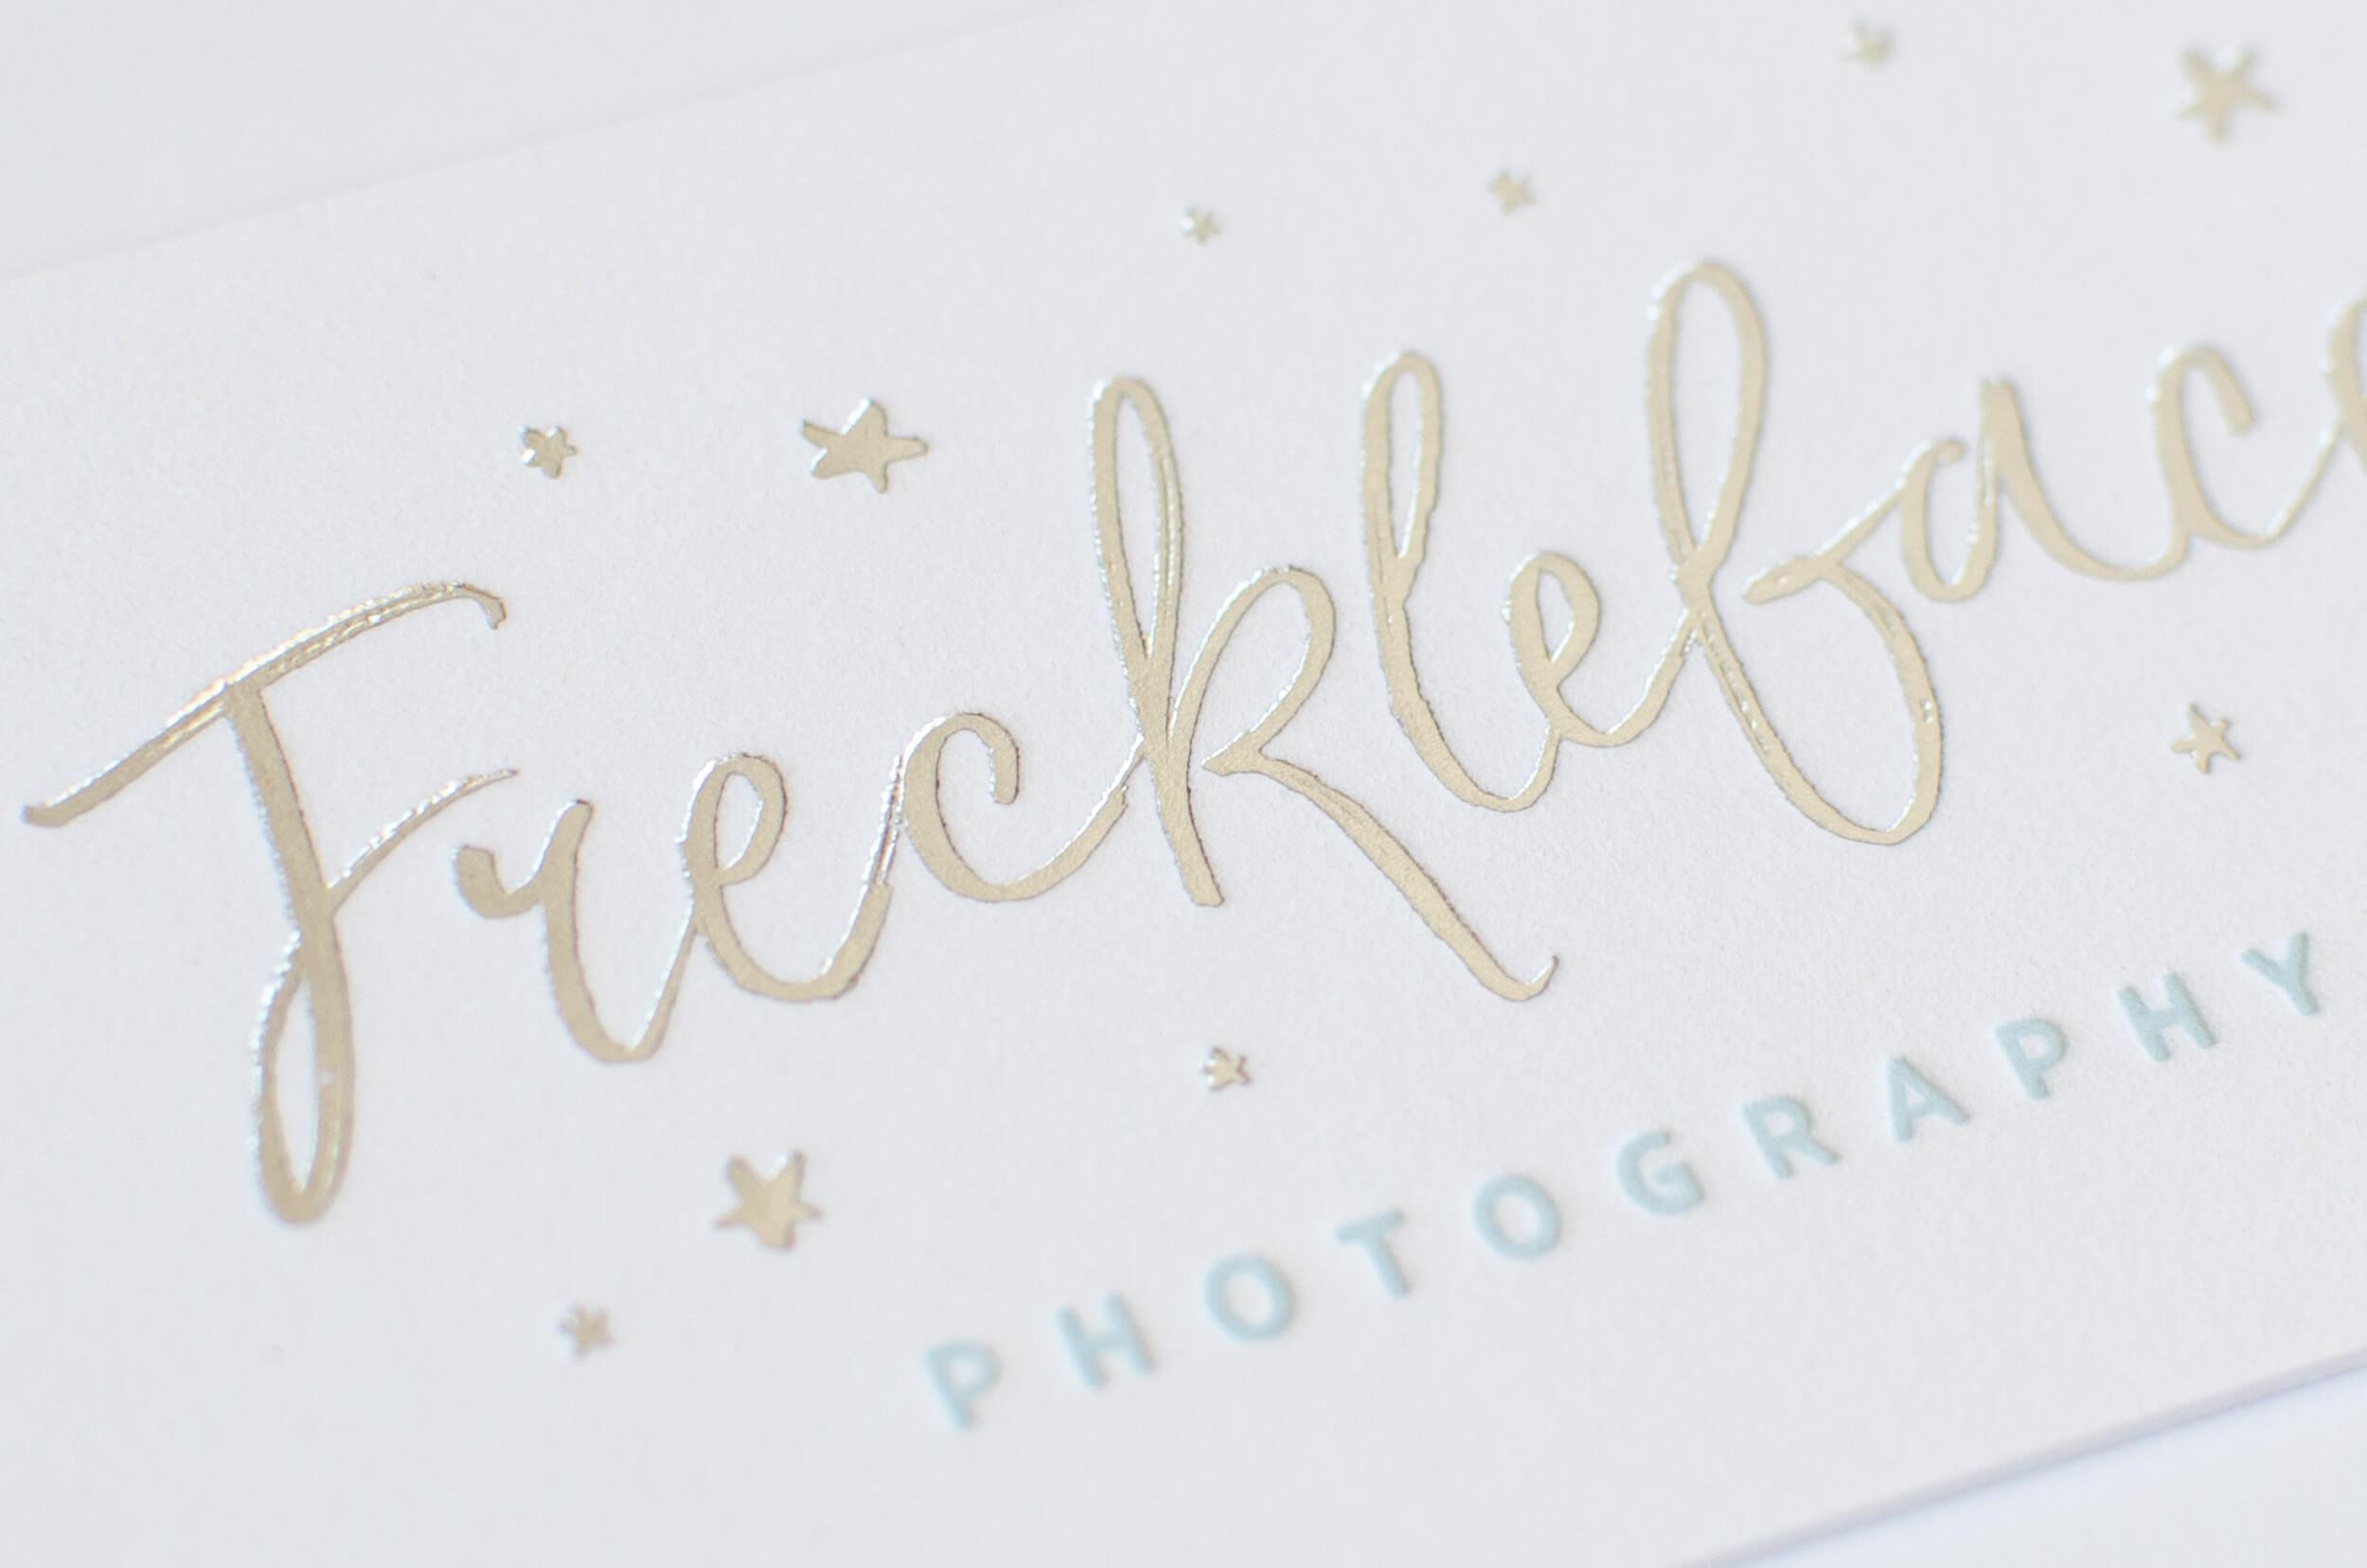 freckleface-businesscards-letterpress-foil-5.jpg